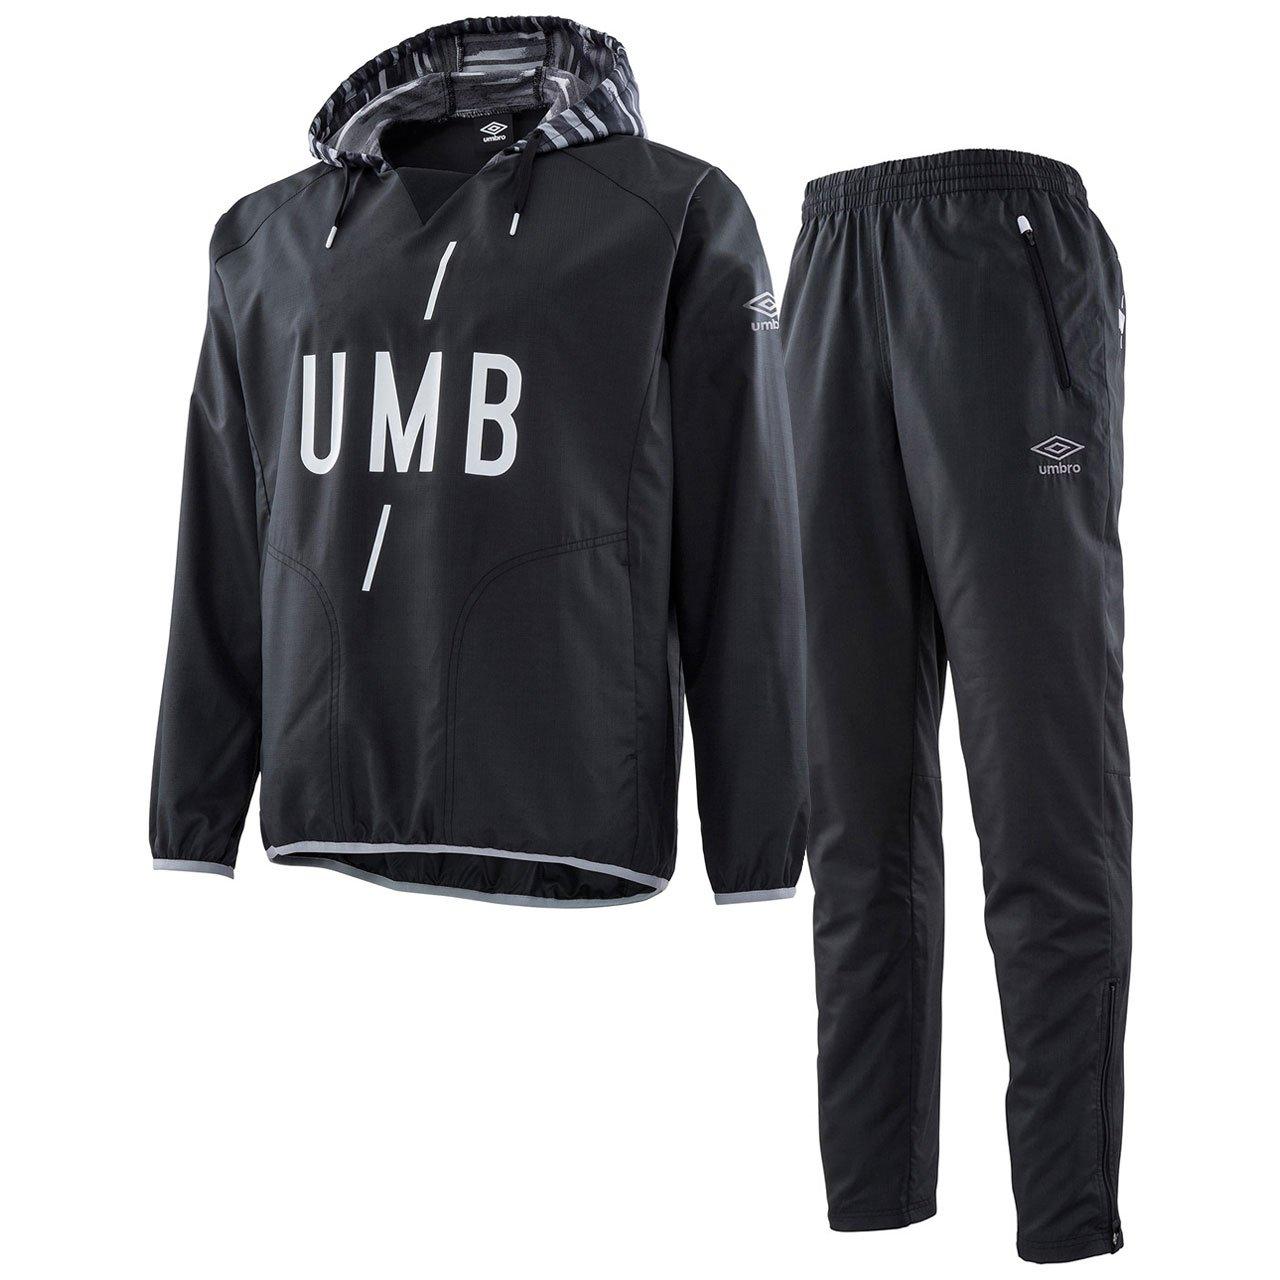 アンブロ(UMBRO) URA ピステトップ&ラインドロングパンツ 上下セット(ブラック/ブラック) UMULJF33-BLK-UMULJG32-BLK B07DLVG5TK 日本 M-(日本サイズM相当)|ブラック/ブラック ブラック/ブラック 日本 M-(日本サイズM相当)